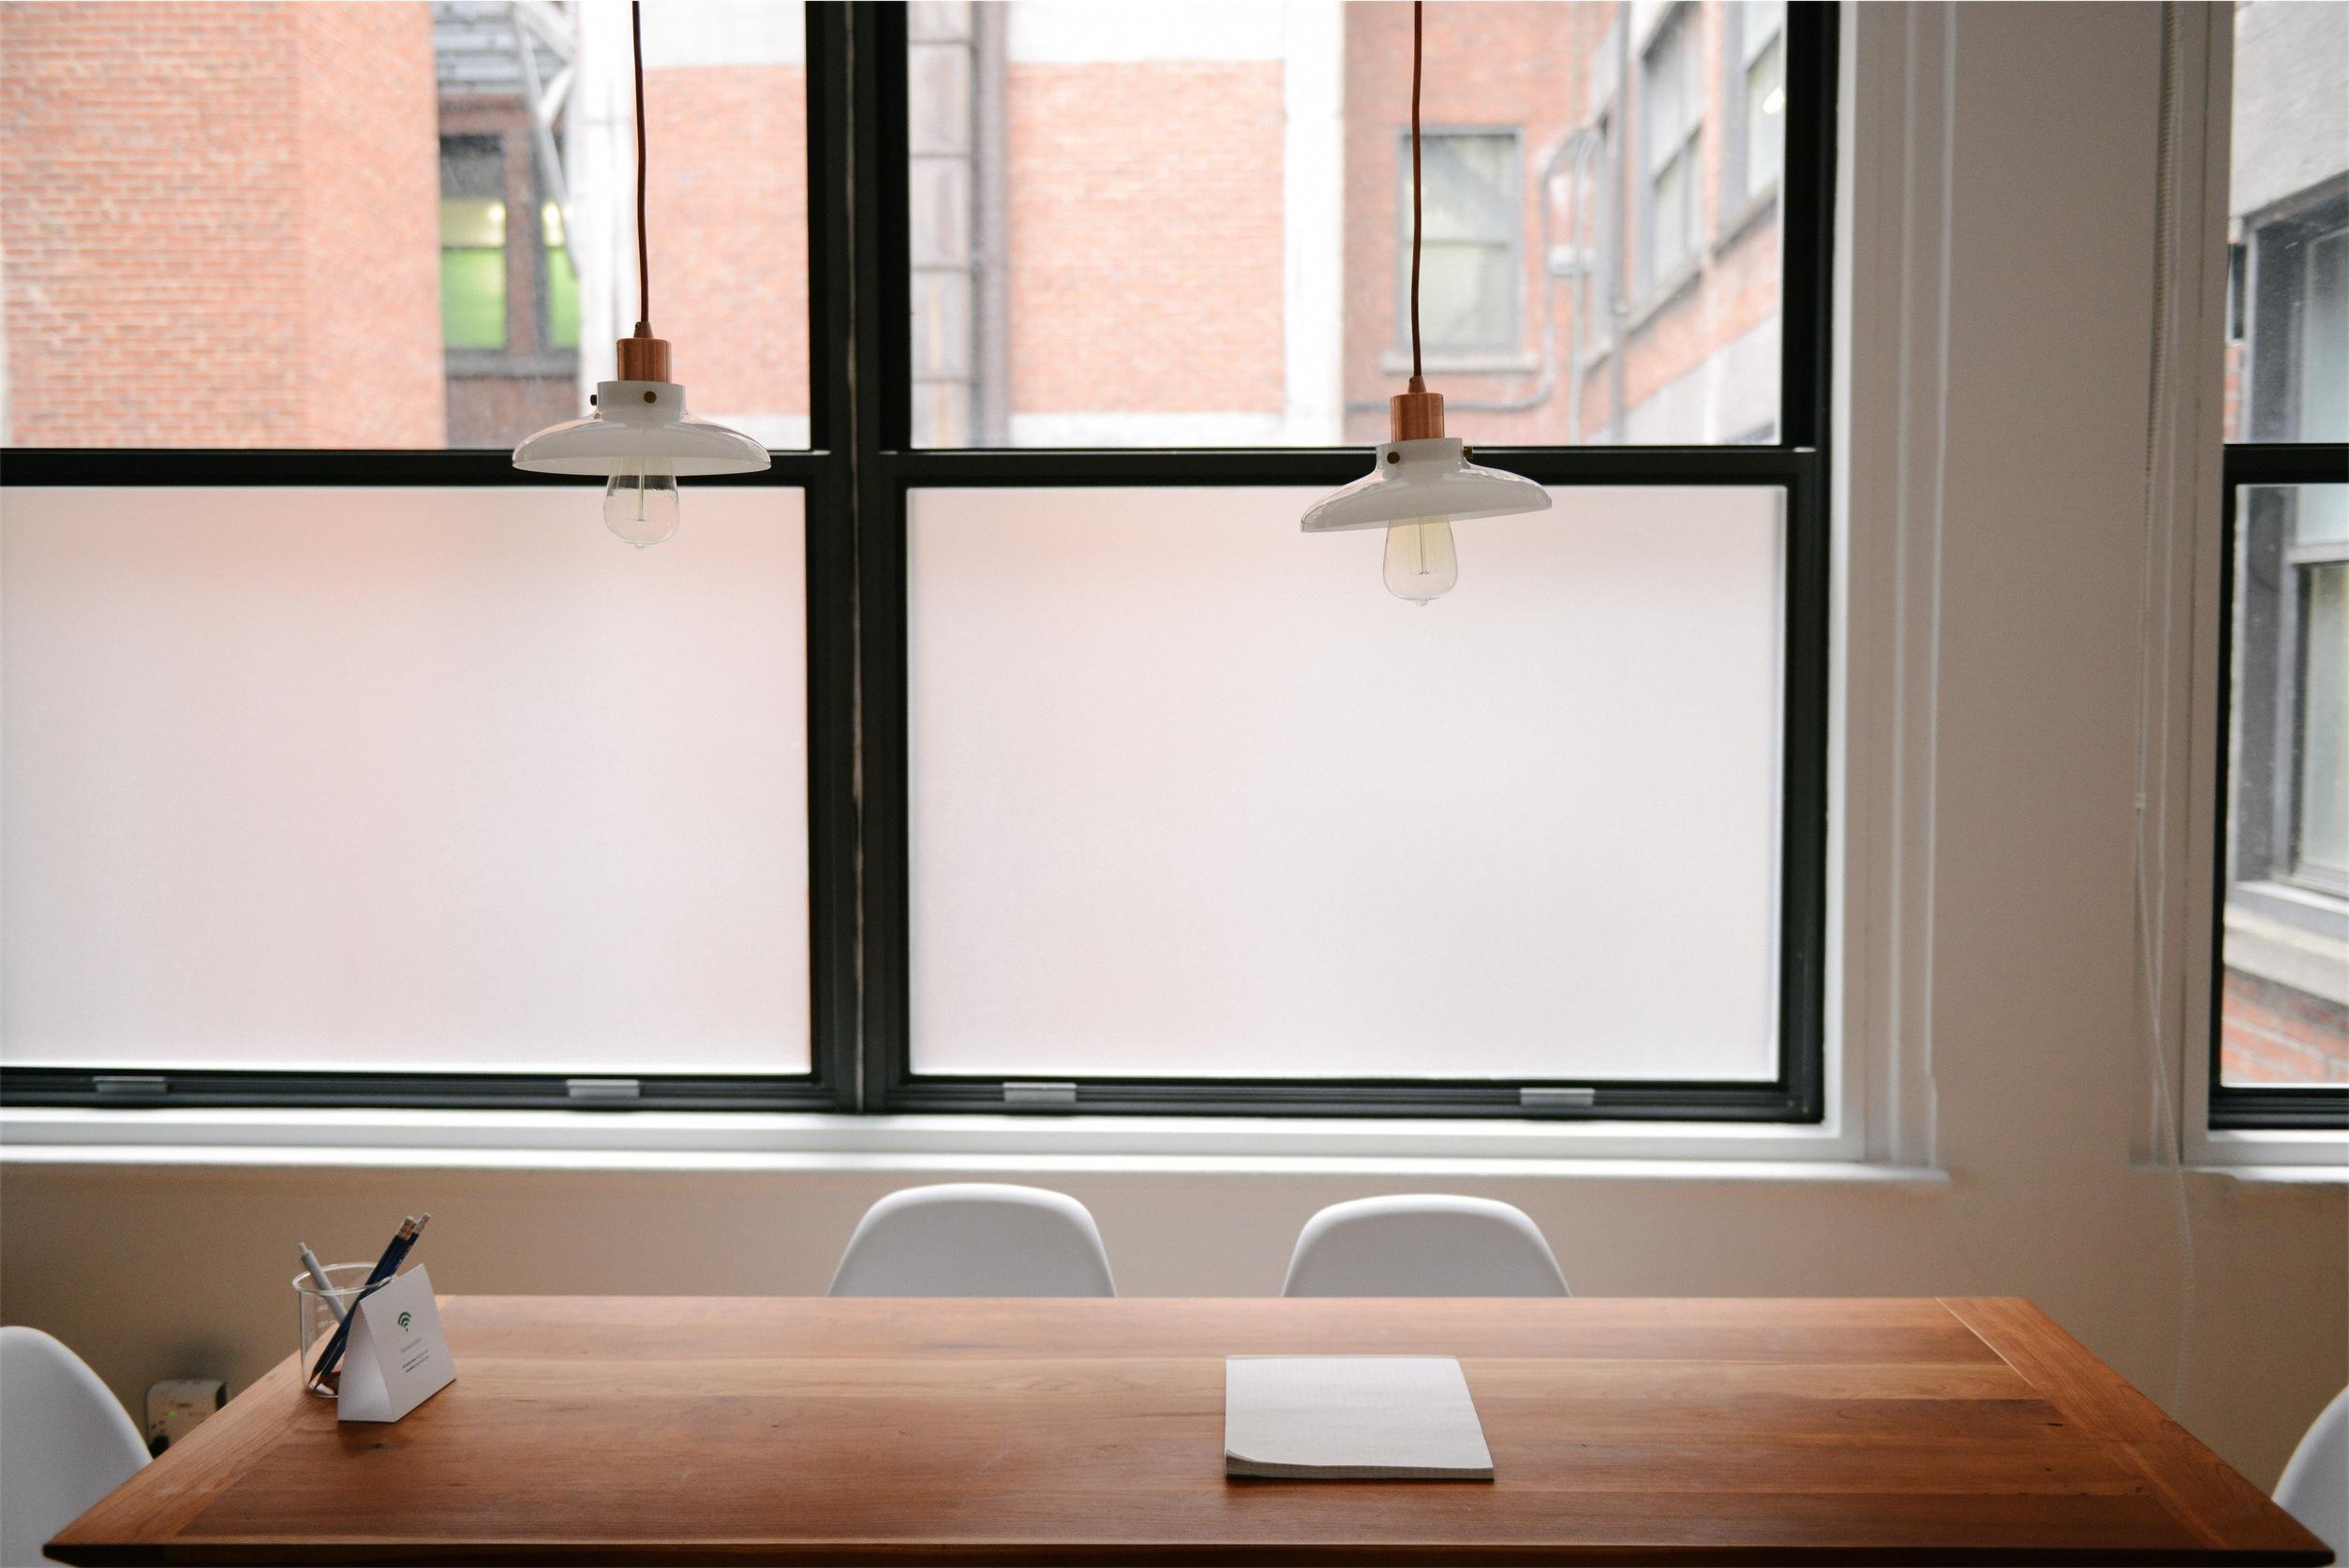 Jouissez des bienfaits d'une fenêtre personnalisée